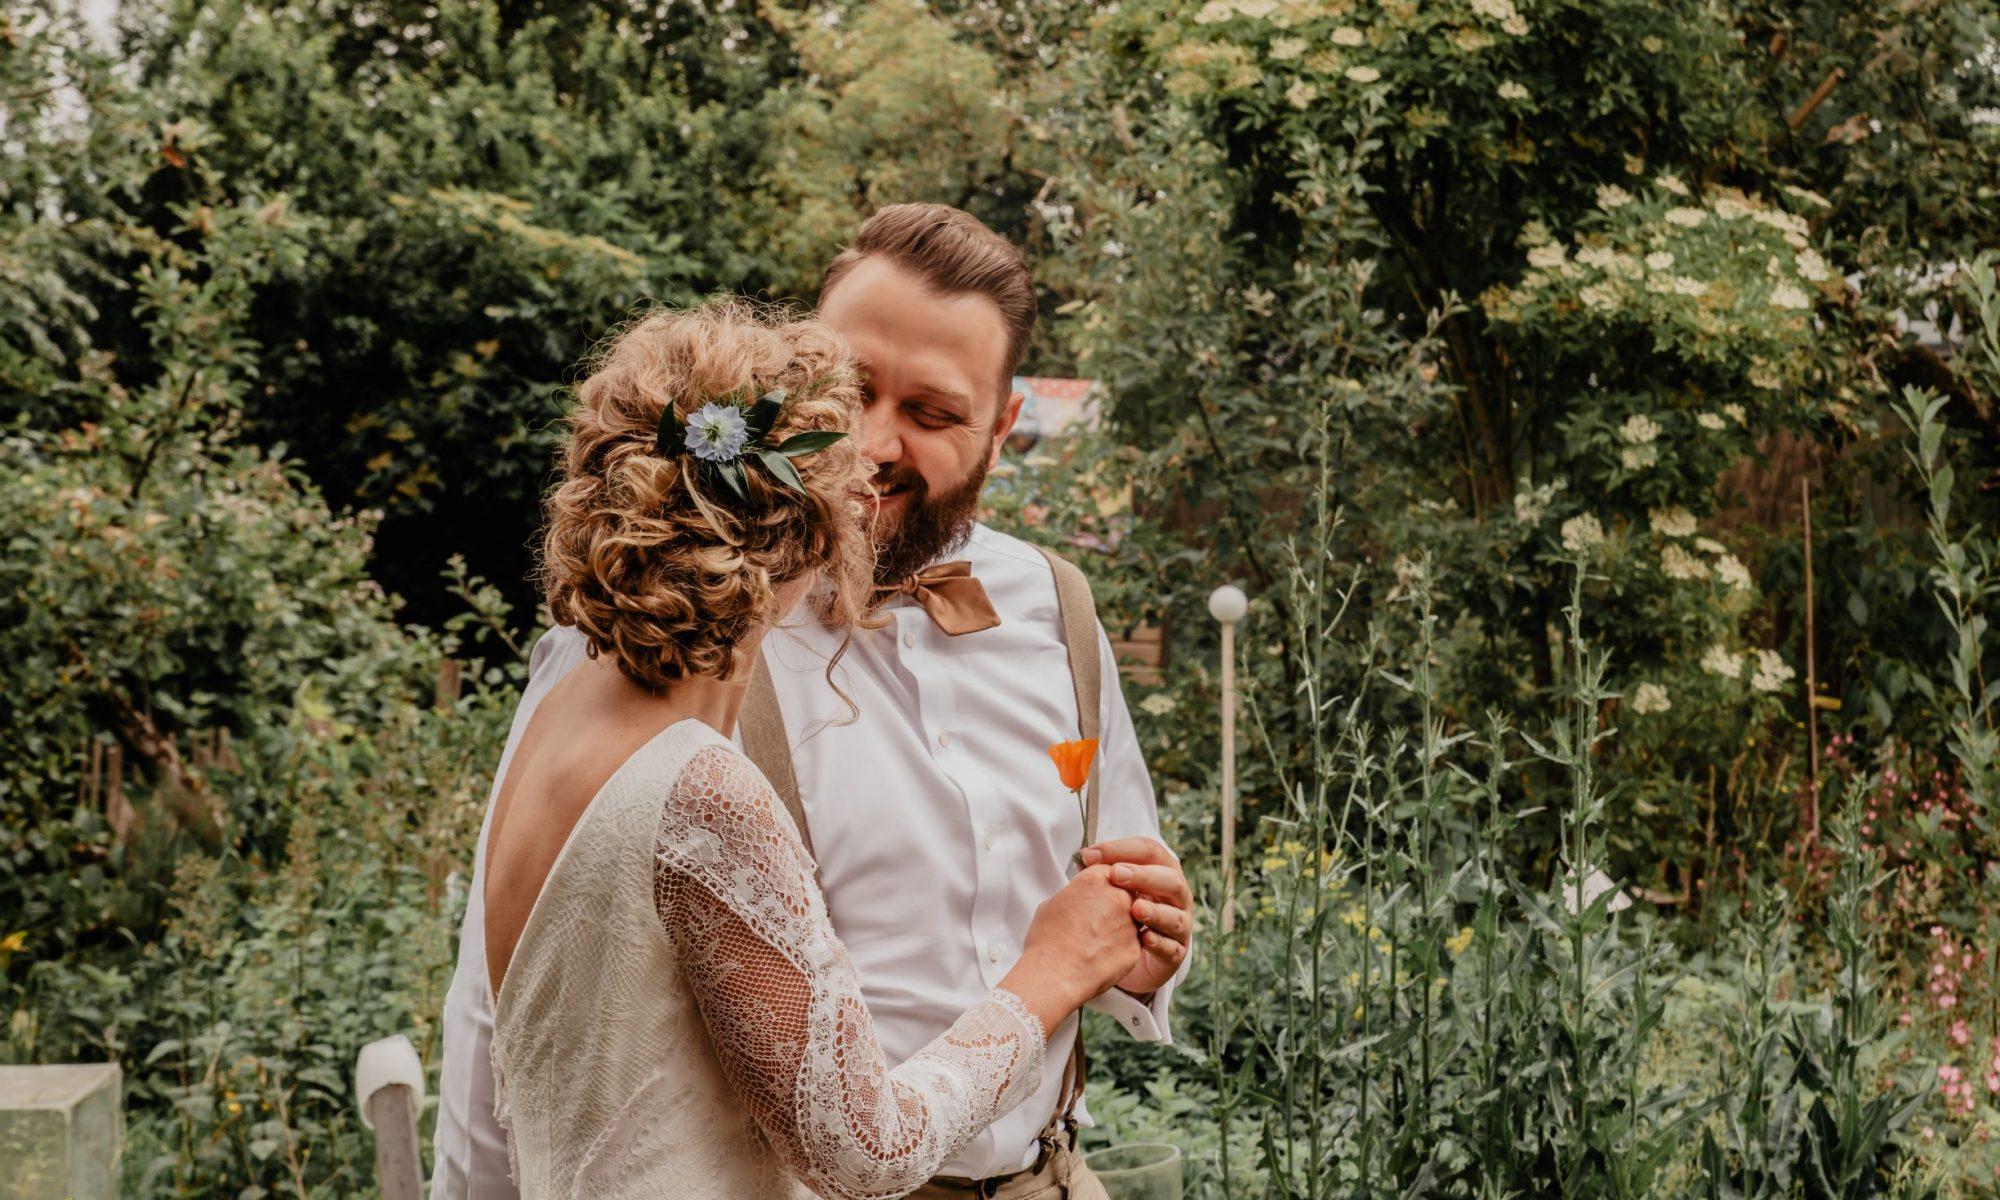 wat kost een bruiloft gemiddeld